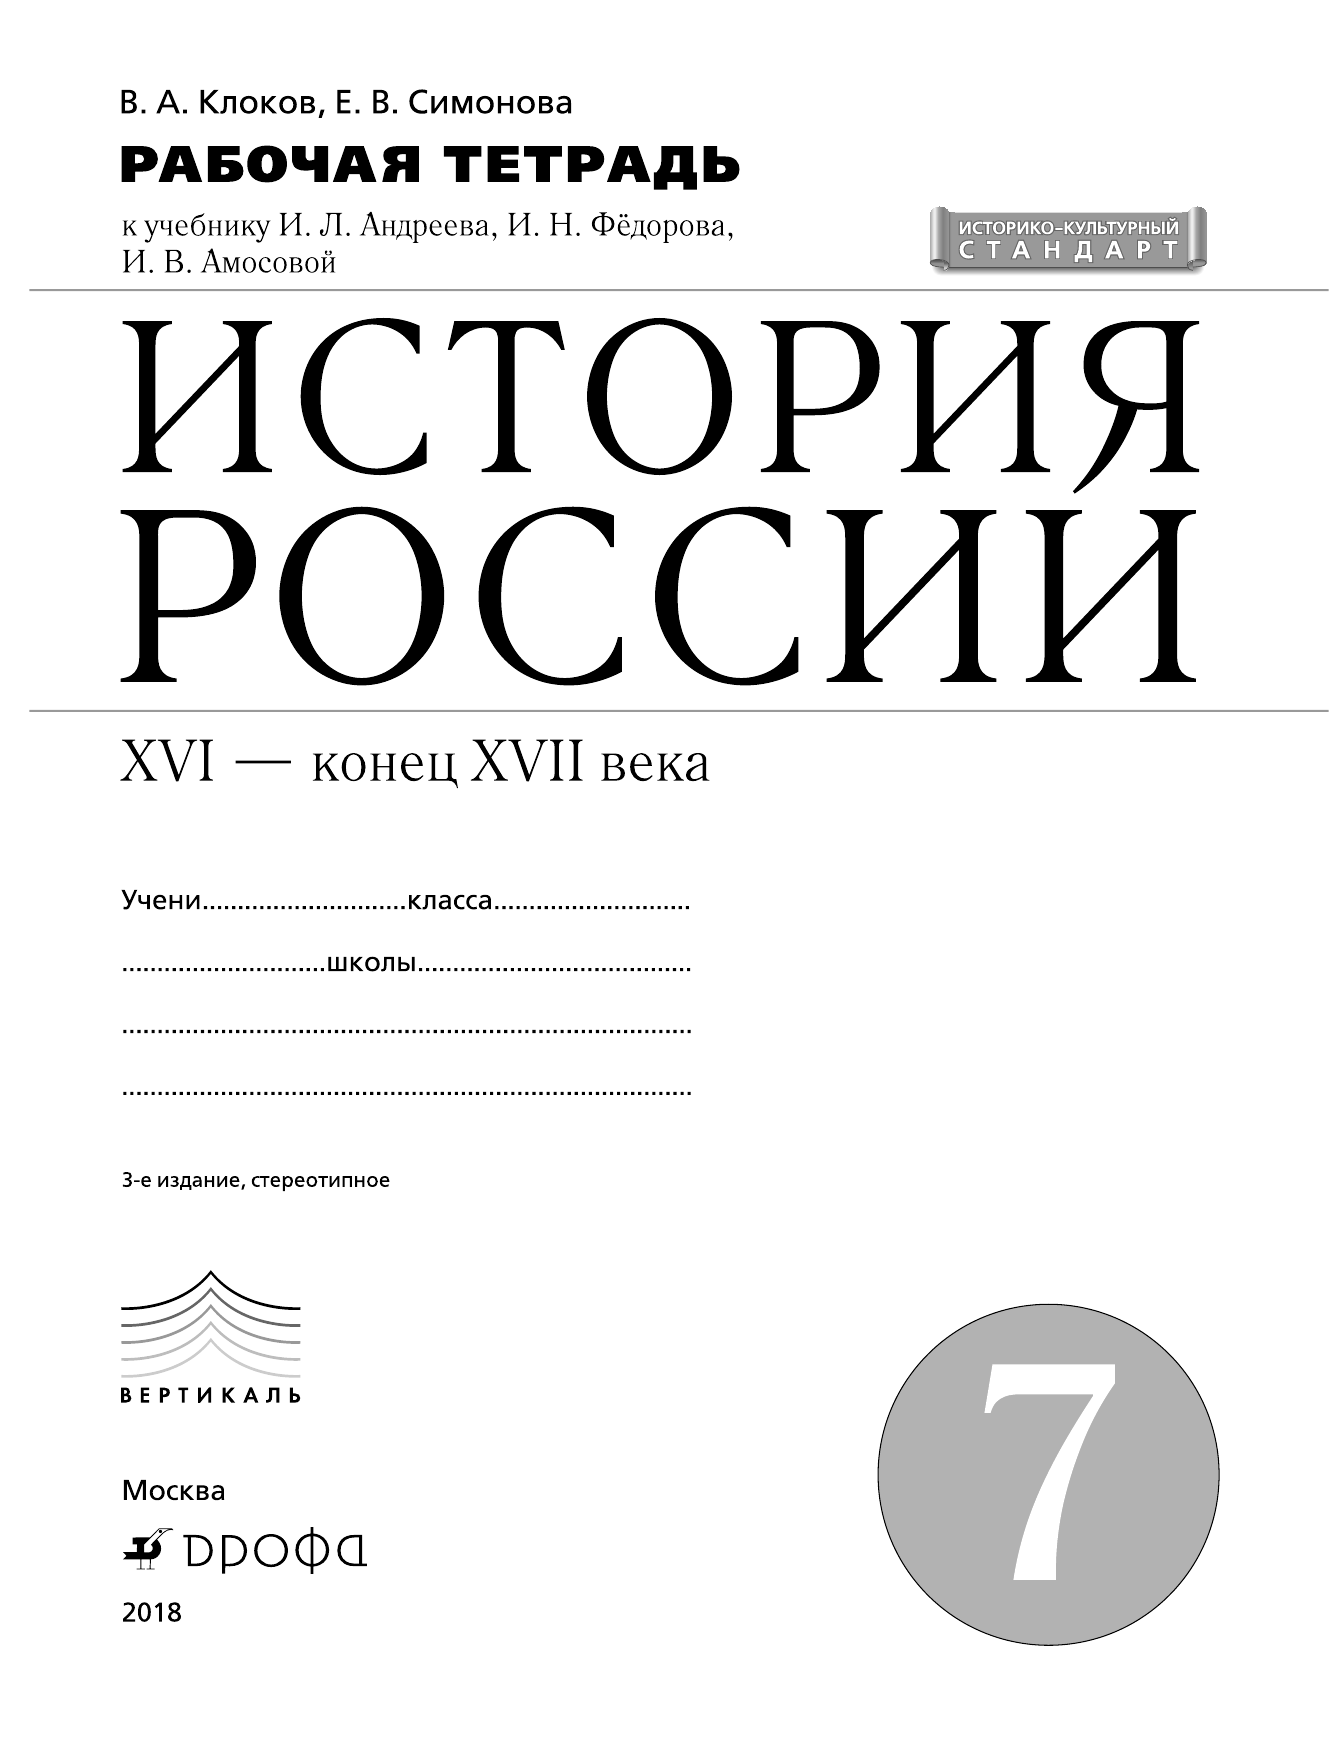 История россии рабочая тетрадь 7 класс 2018 решебник